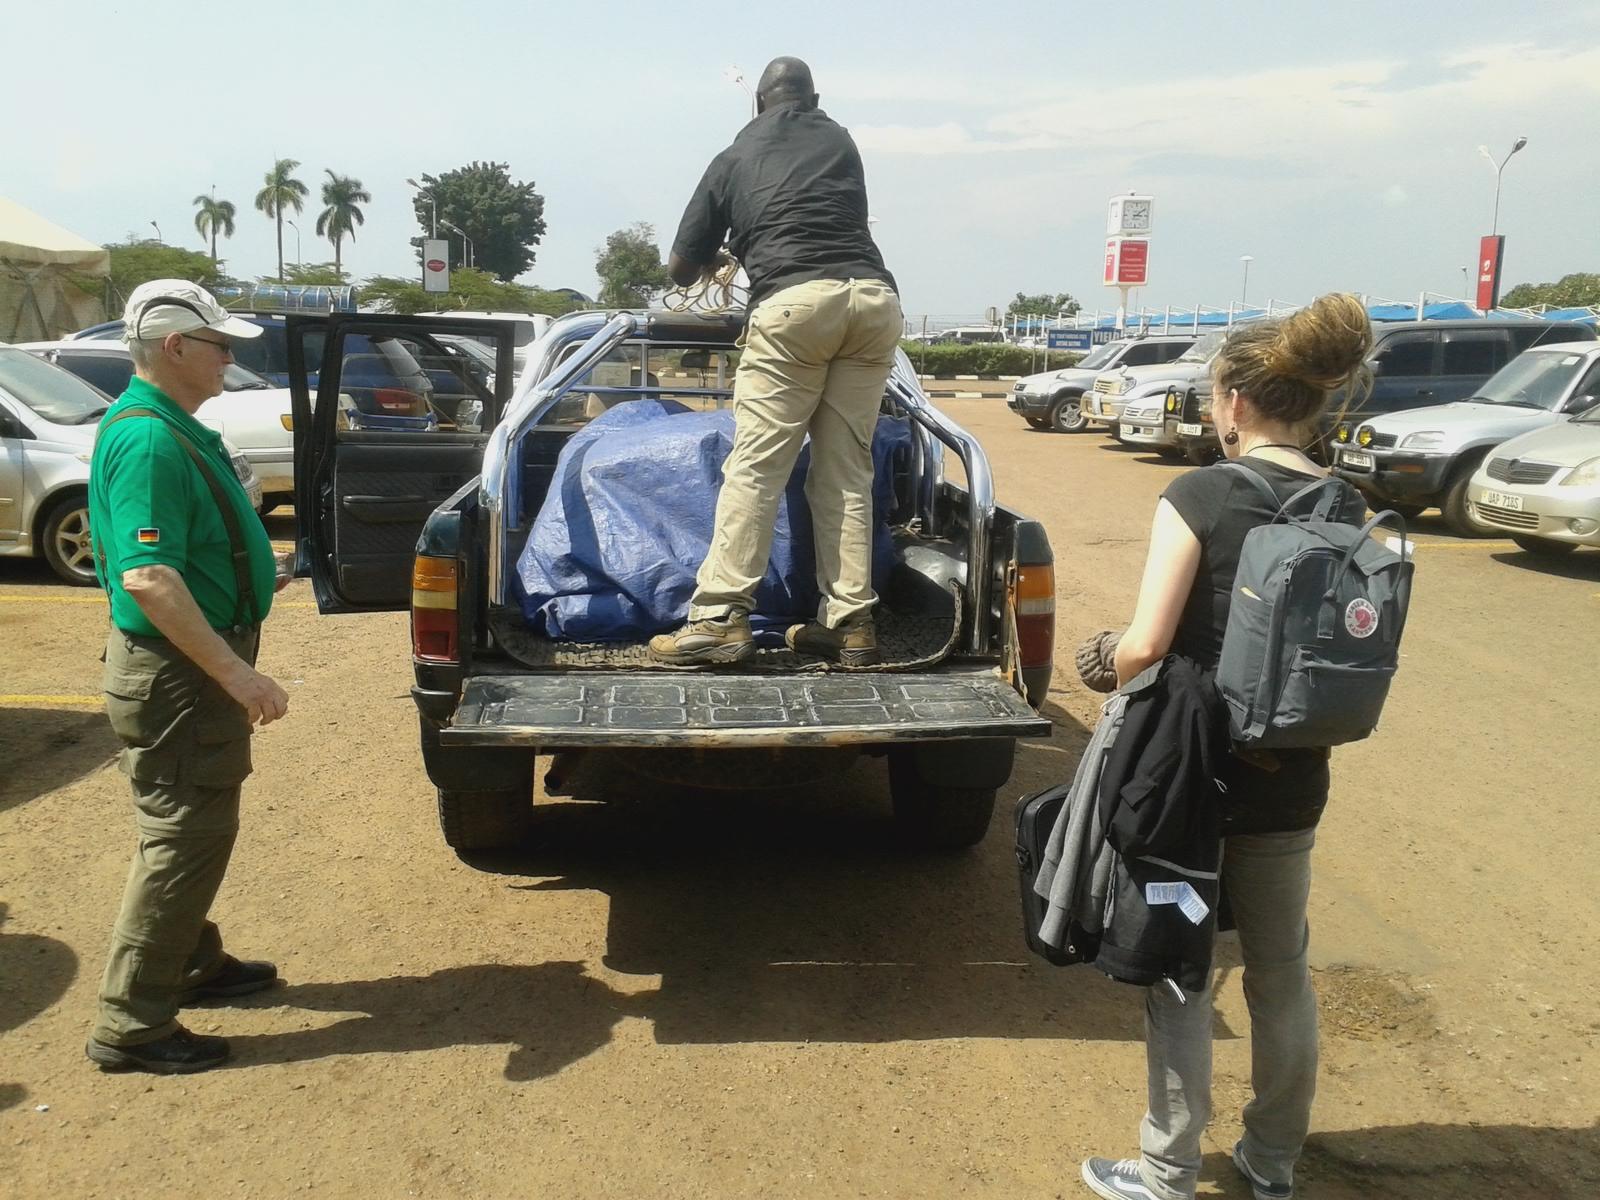 Wir werden von Michael am Flughafen abgeholt. Er verstaut unser Gepäck Diebstahlsicher auf dem Pick-Up